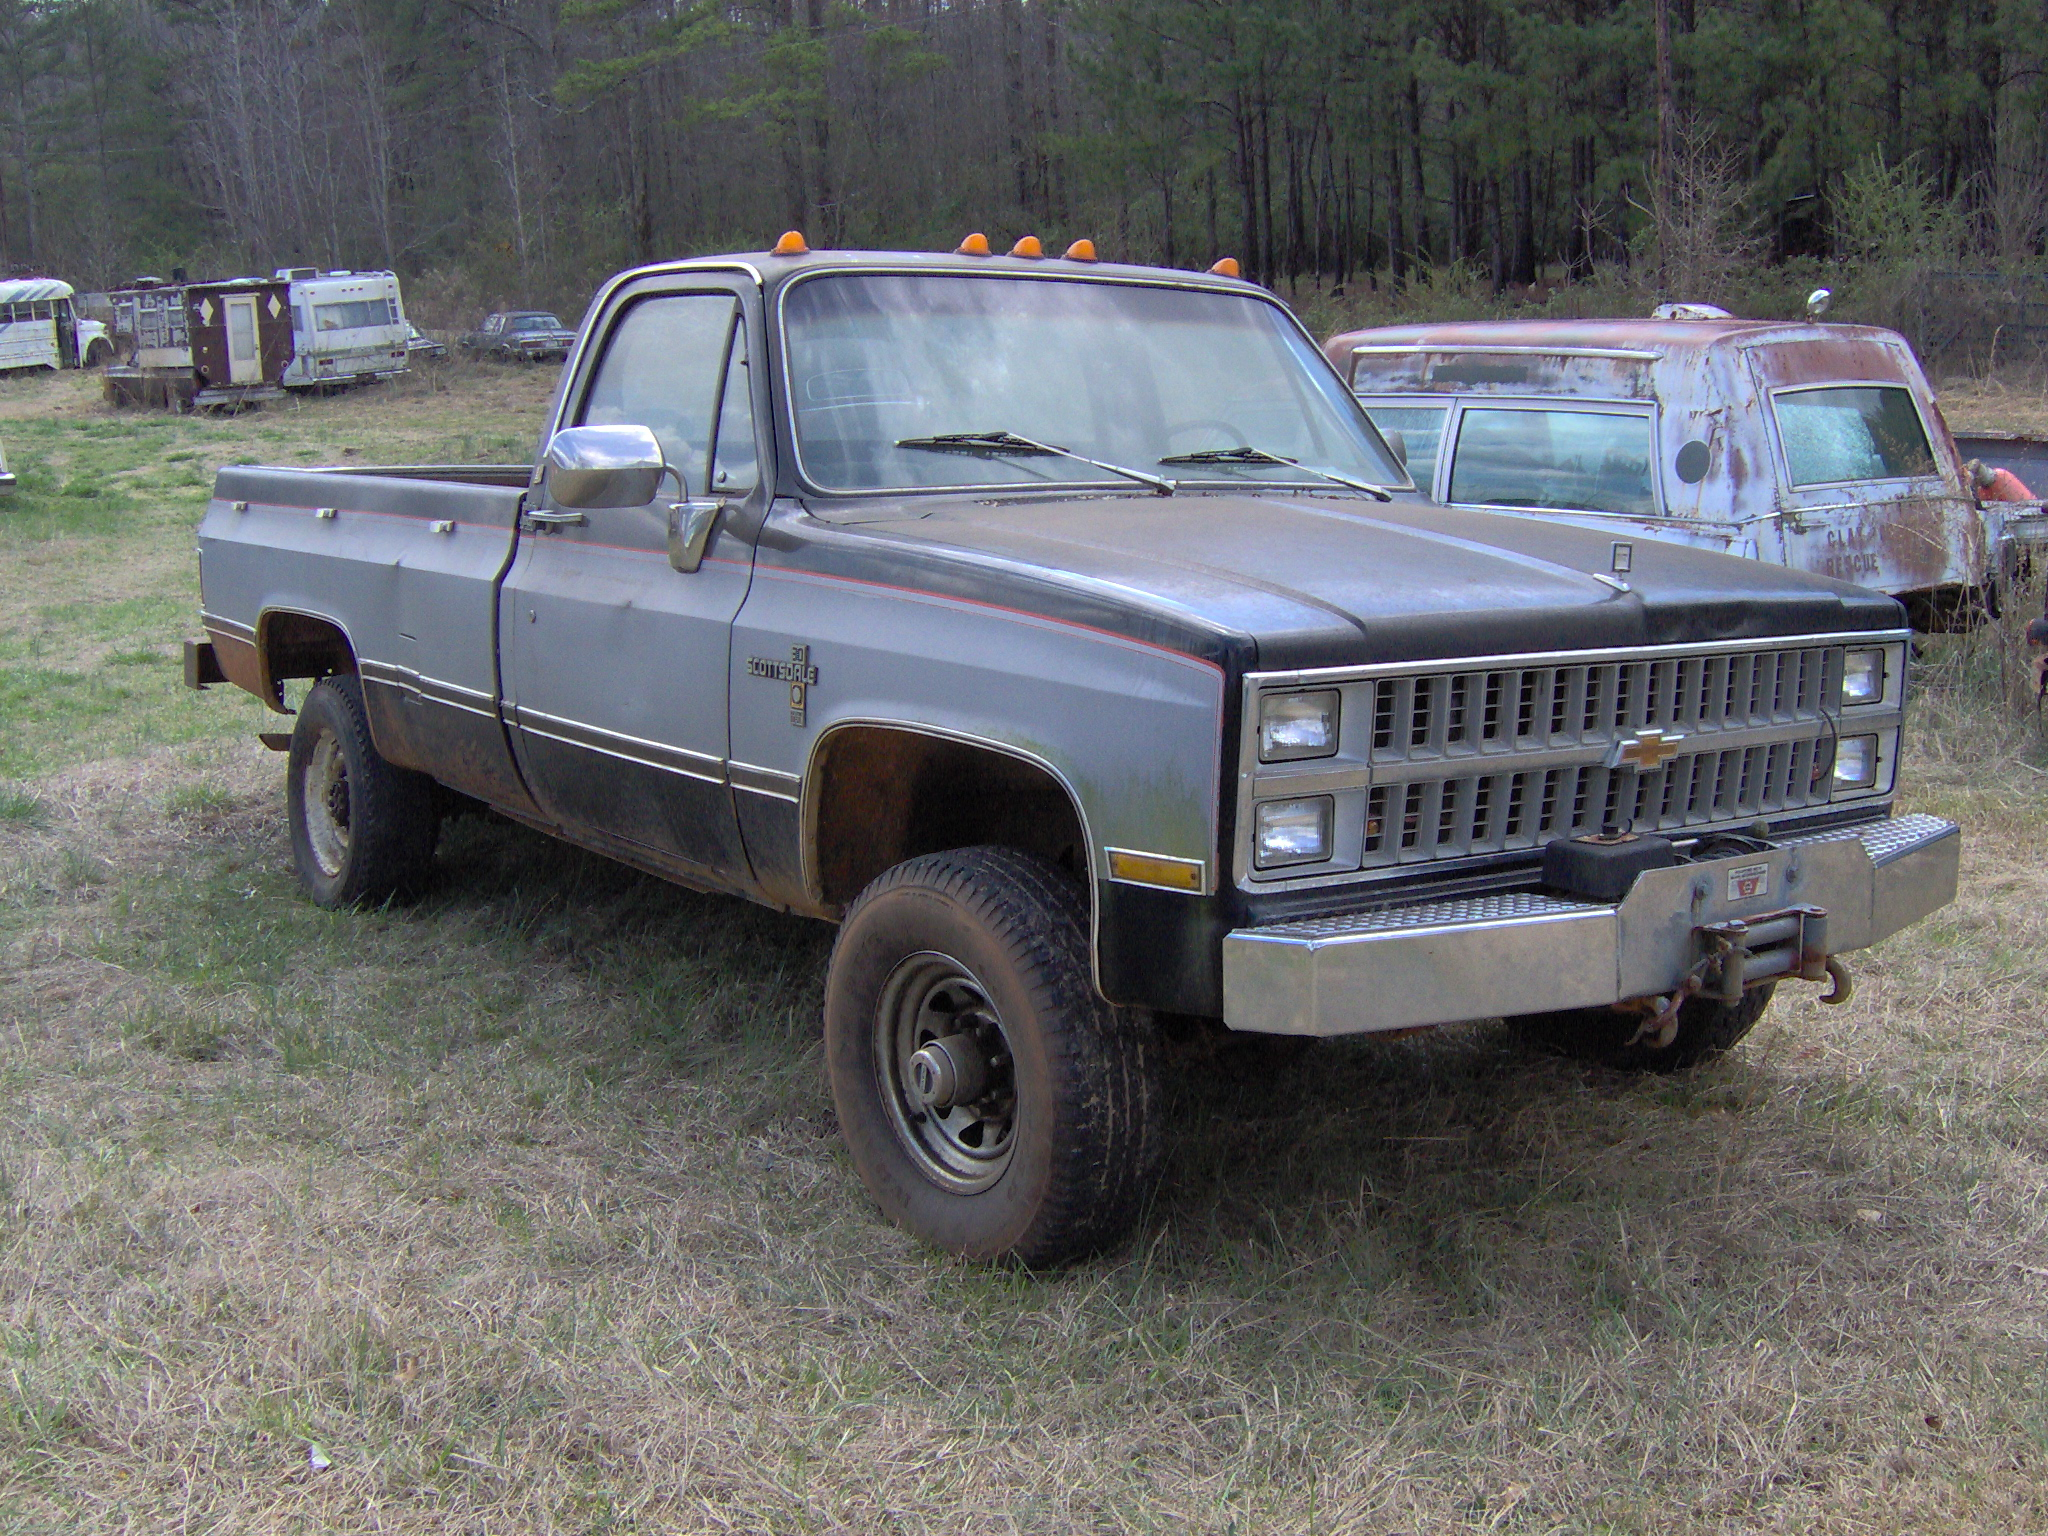 Chevrolet C2500 Magasin de pièces de rechange, Chevrolet C2500 Pièces auto et